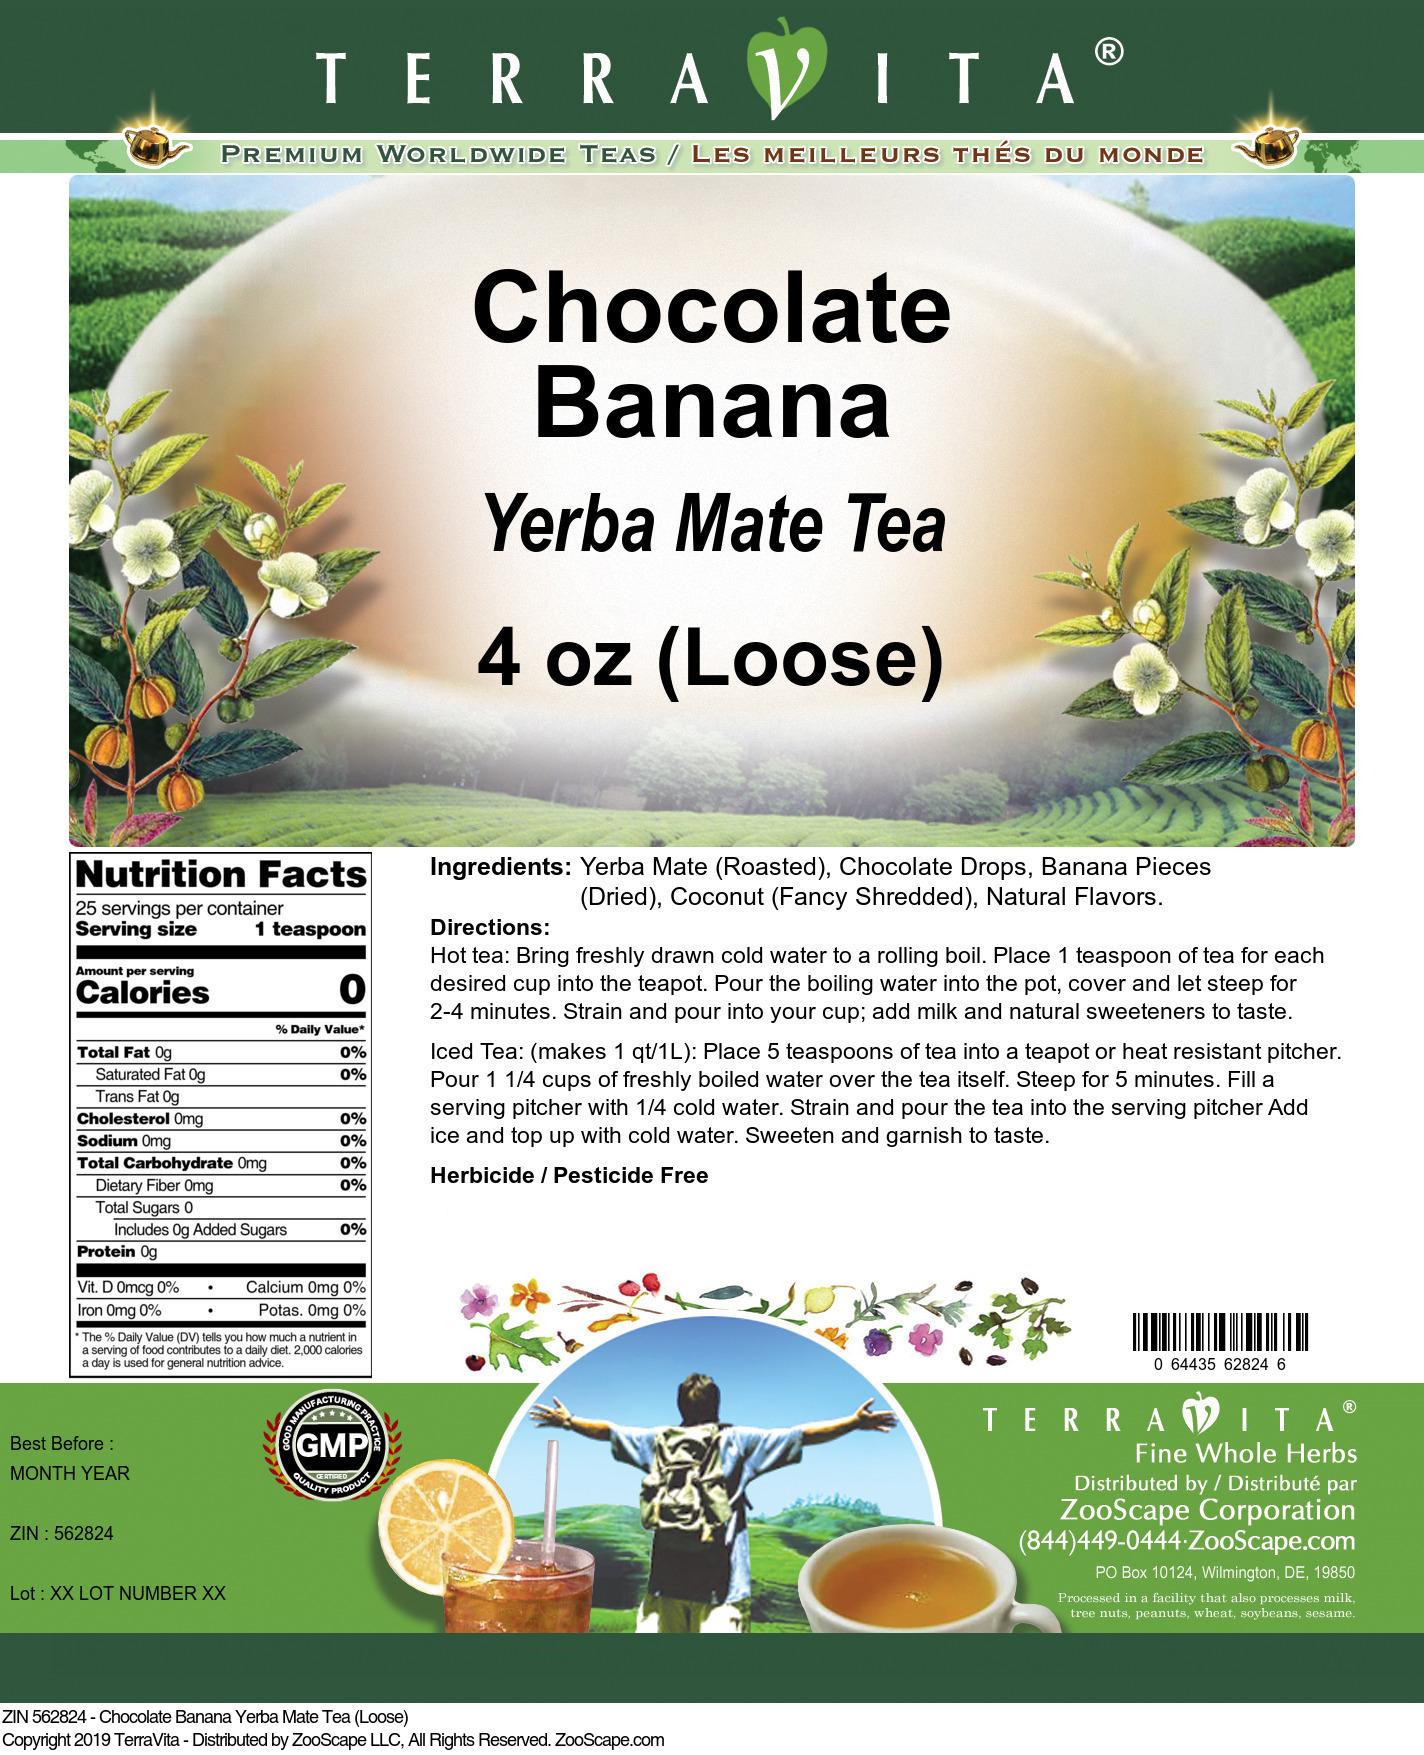 Chocolate Banana Yerba Mate Tea (Loose)